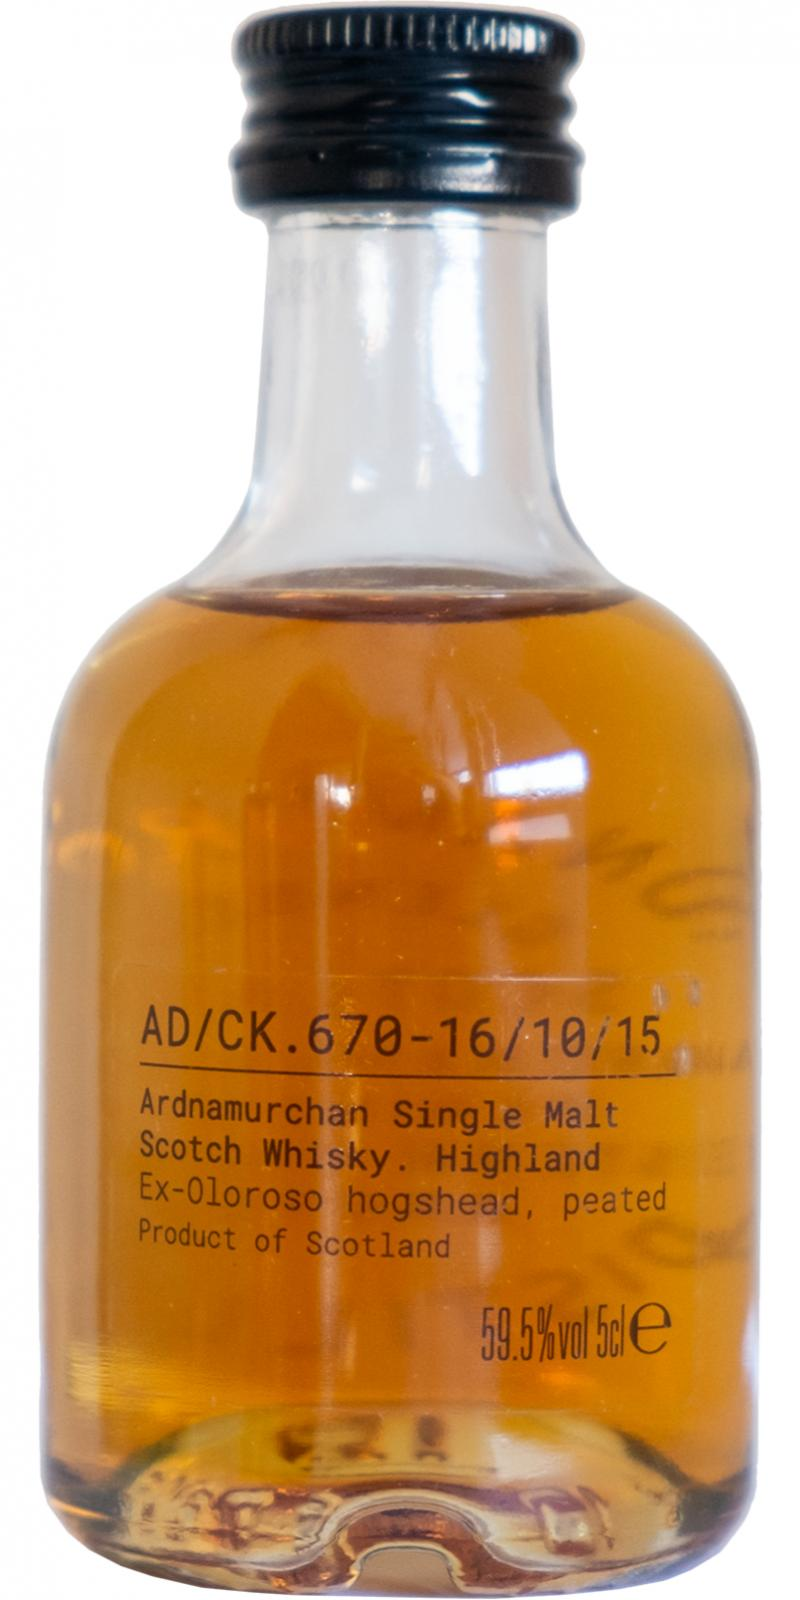 Ardnamurchan 2015